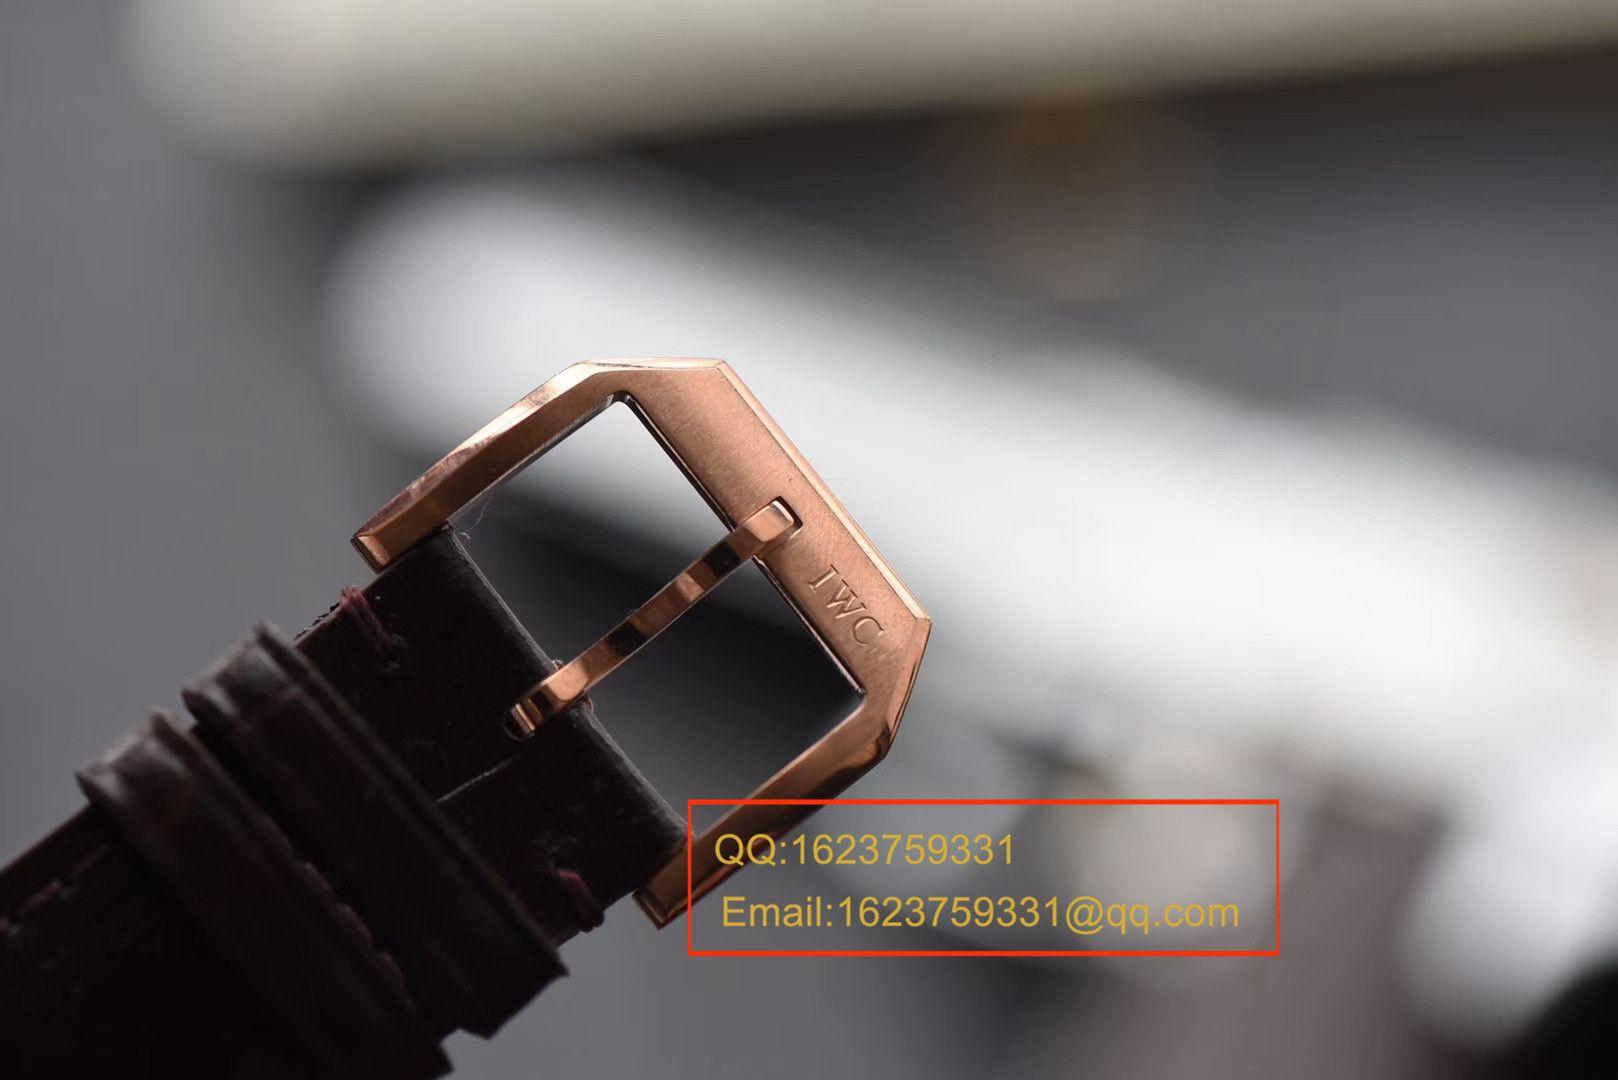 【ZF厂顶级复刻手表】万国葡萄牙MINUTE REPEATER三问腕表系列 IW544907琼斯之剑 / WG311